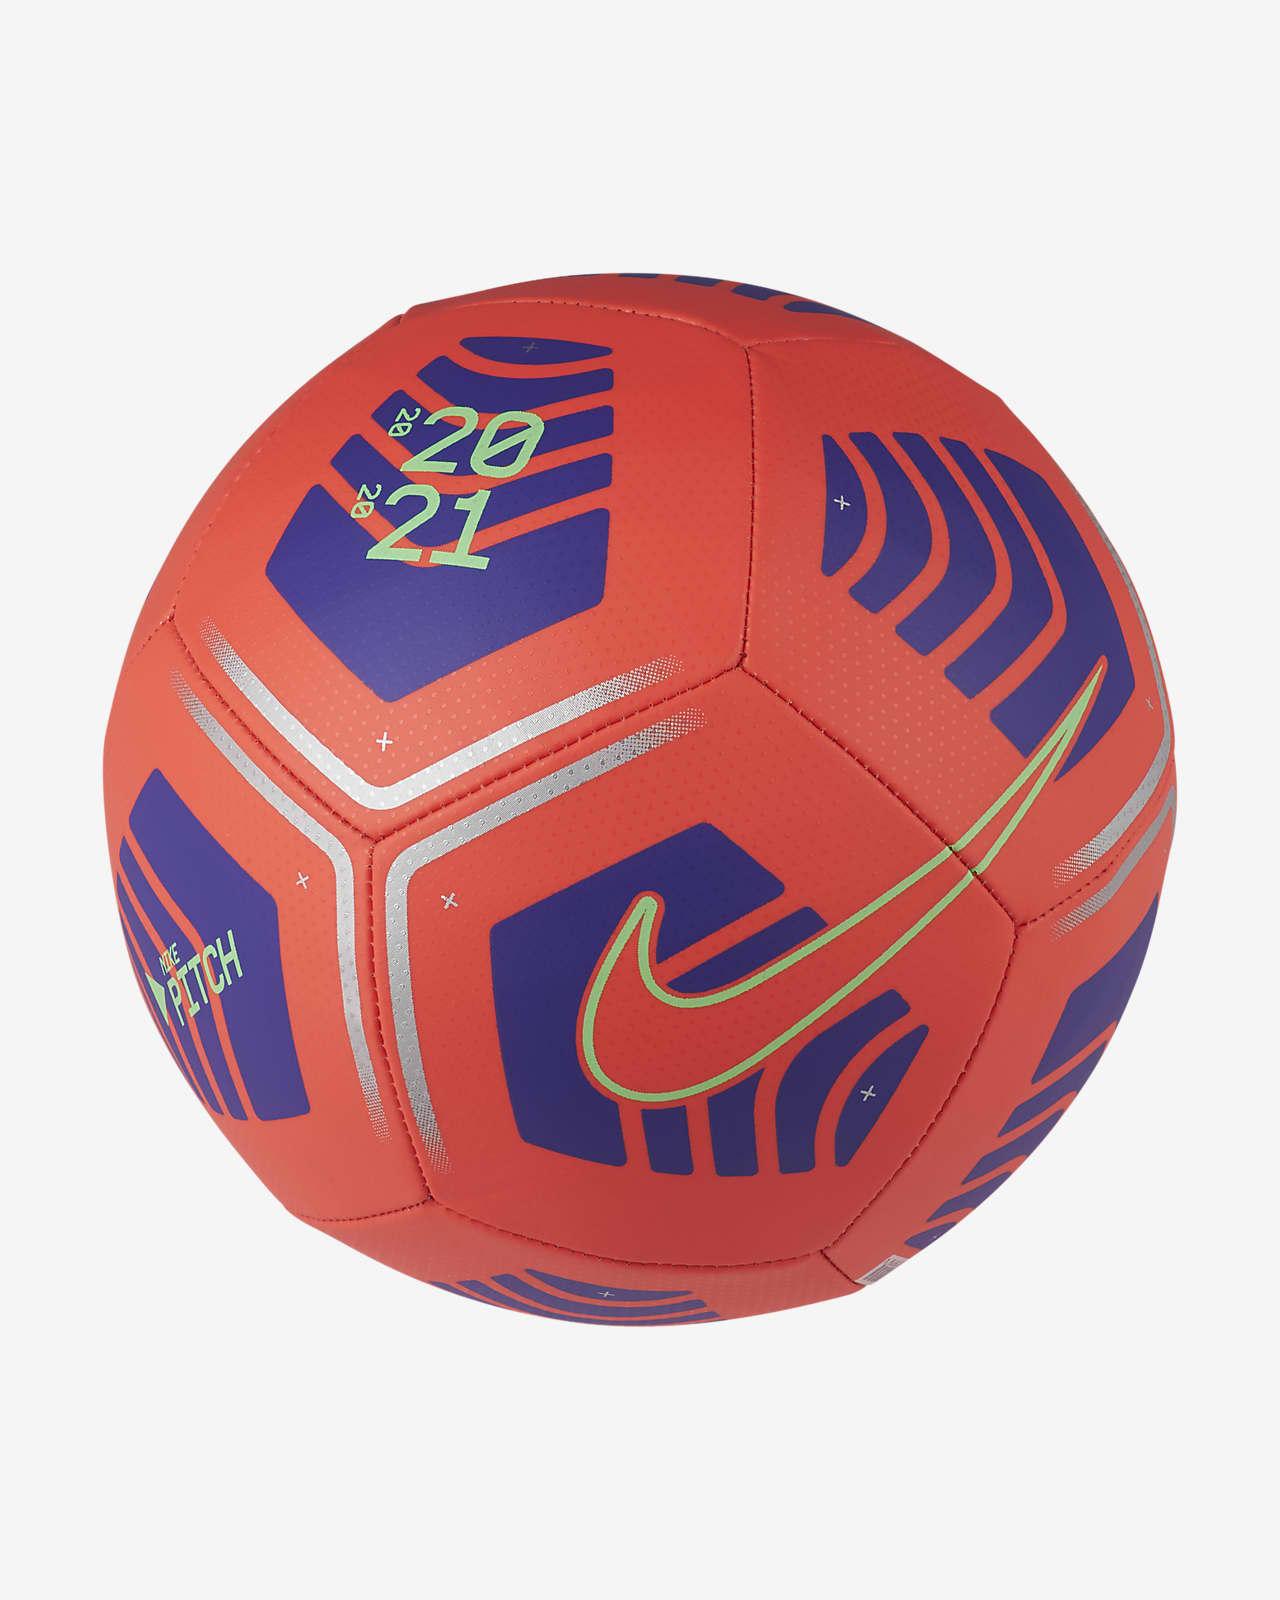 Μπάλα ποδοσφαίρου Nike Pitch